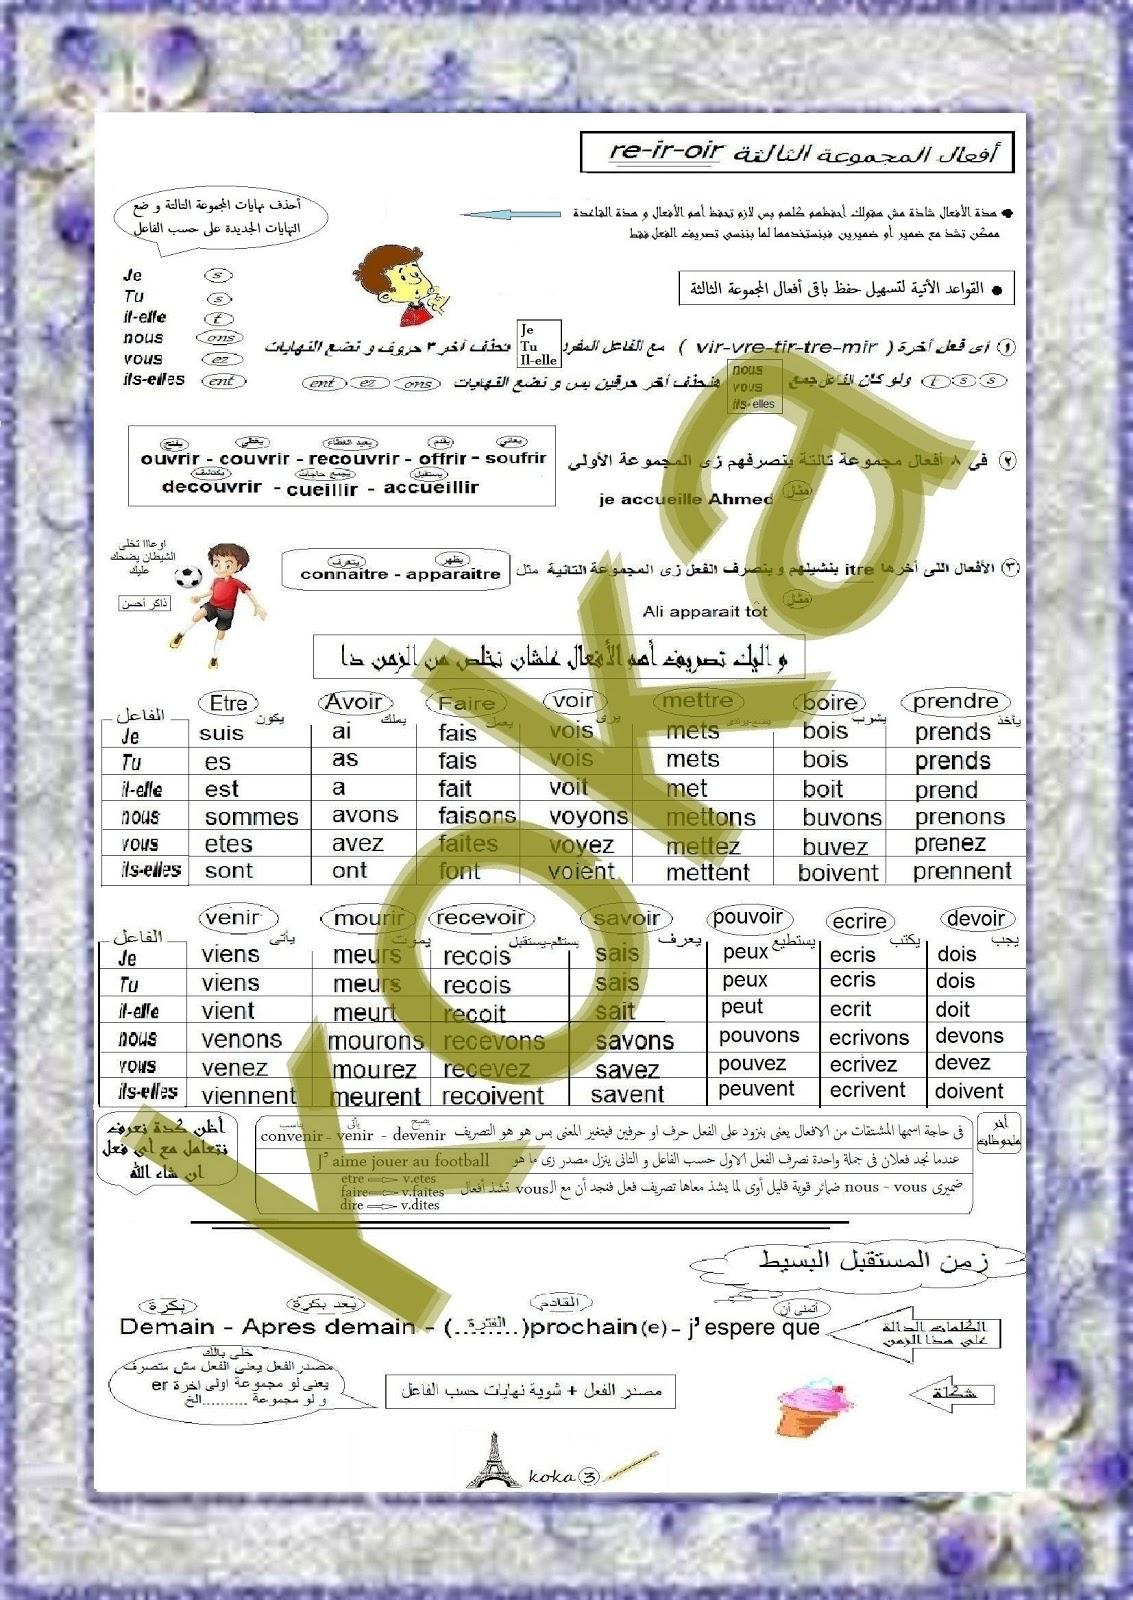 كل قواعد اللغة الفرنسية للصف الثالث الثانوى فى 10 ورقات ممتعة جدا